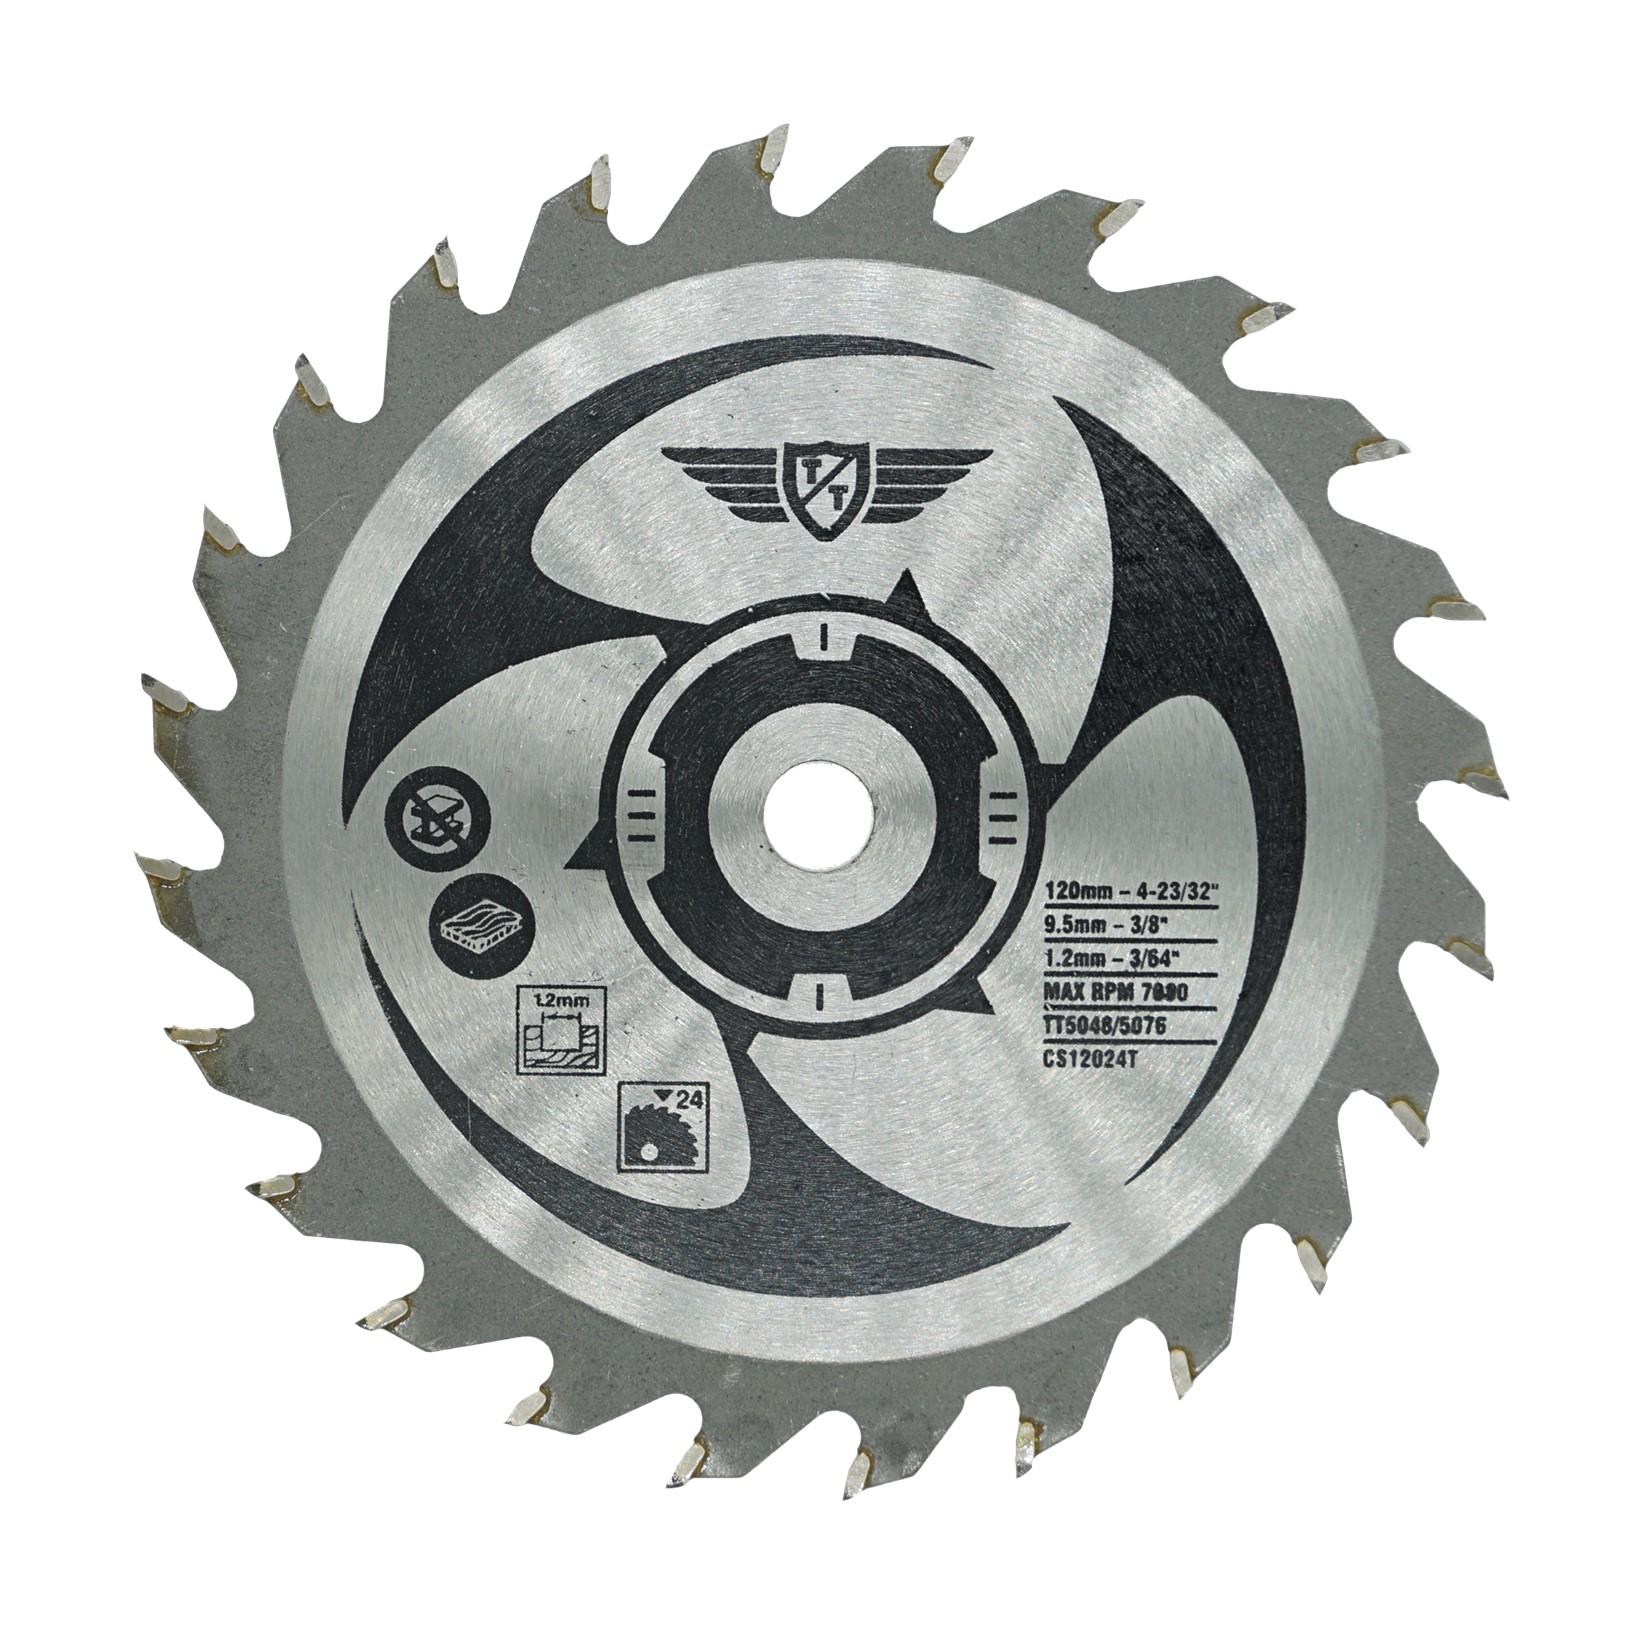 1 x Topstools CS12024T 120mm 24T 9.5mm Bore TCT Saw Blades for Worx WorxSaw XL W